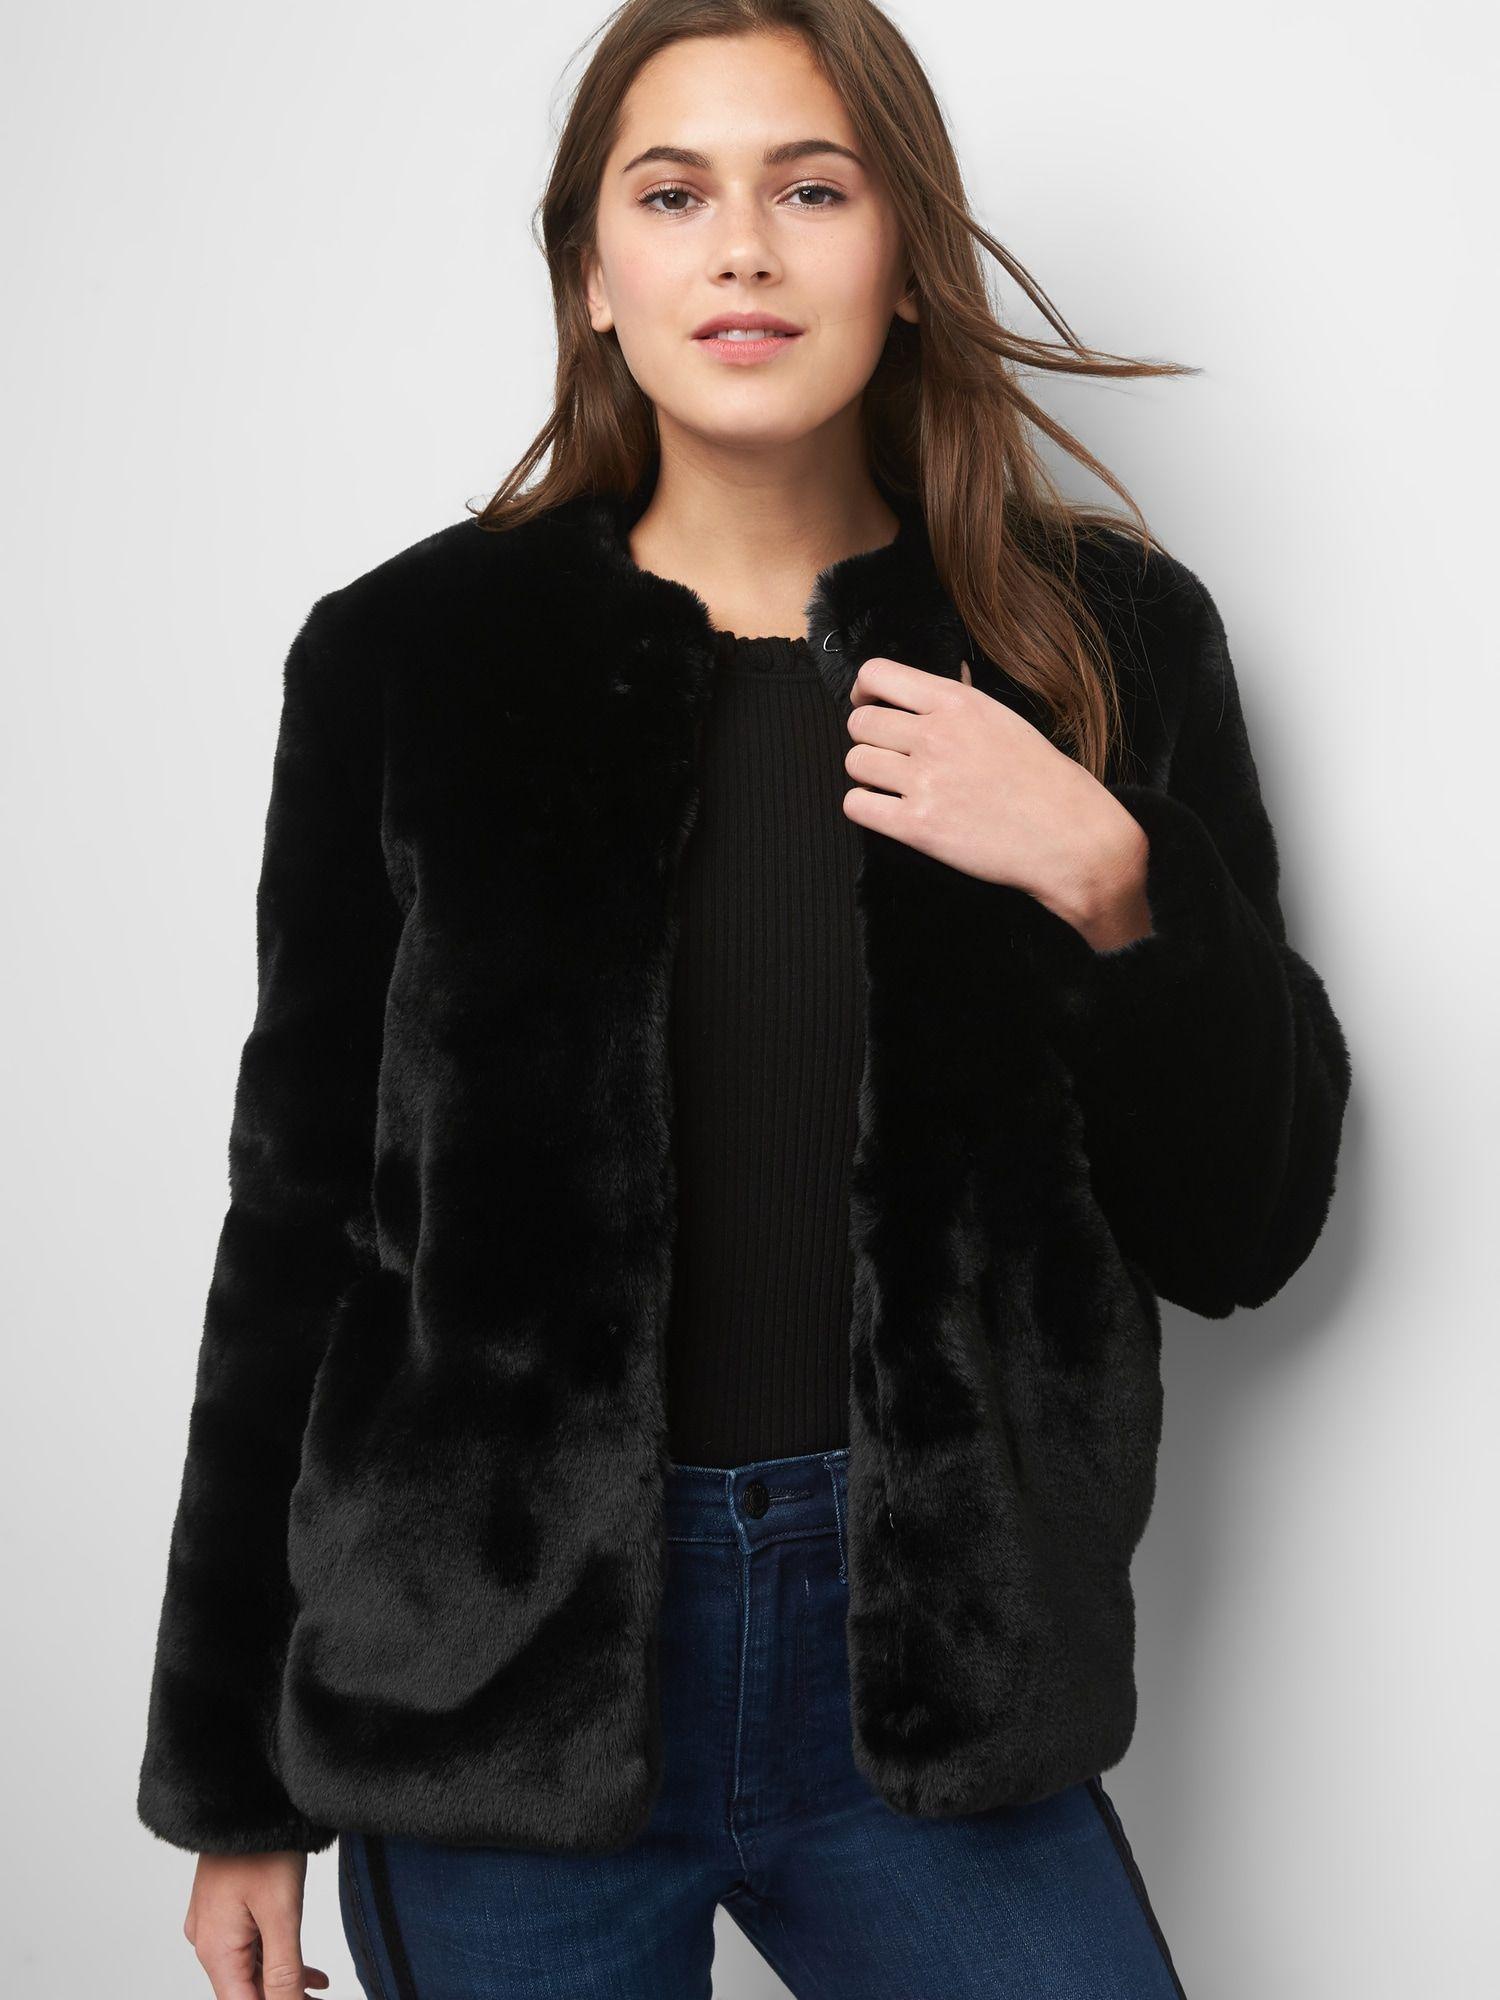 Faux Fur Jacket Coats Jackets Women Jackets Stylish Outerwear [ 2000 x 1500 Pixel ]